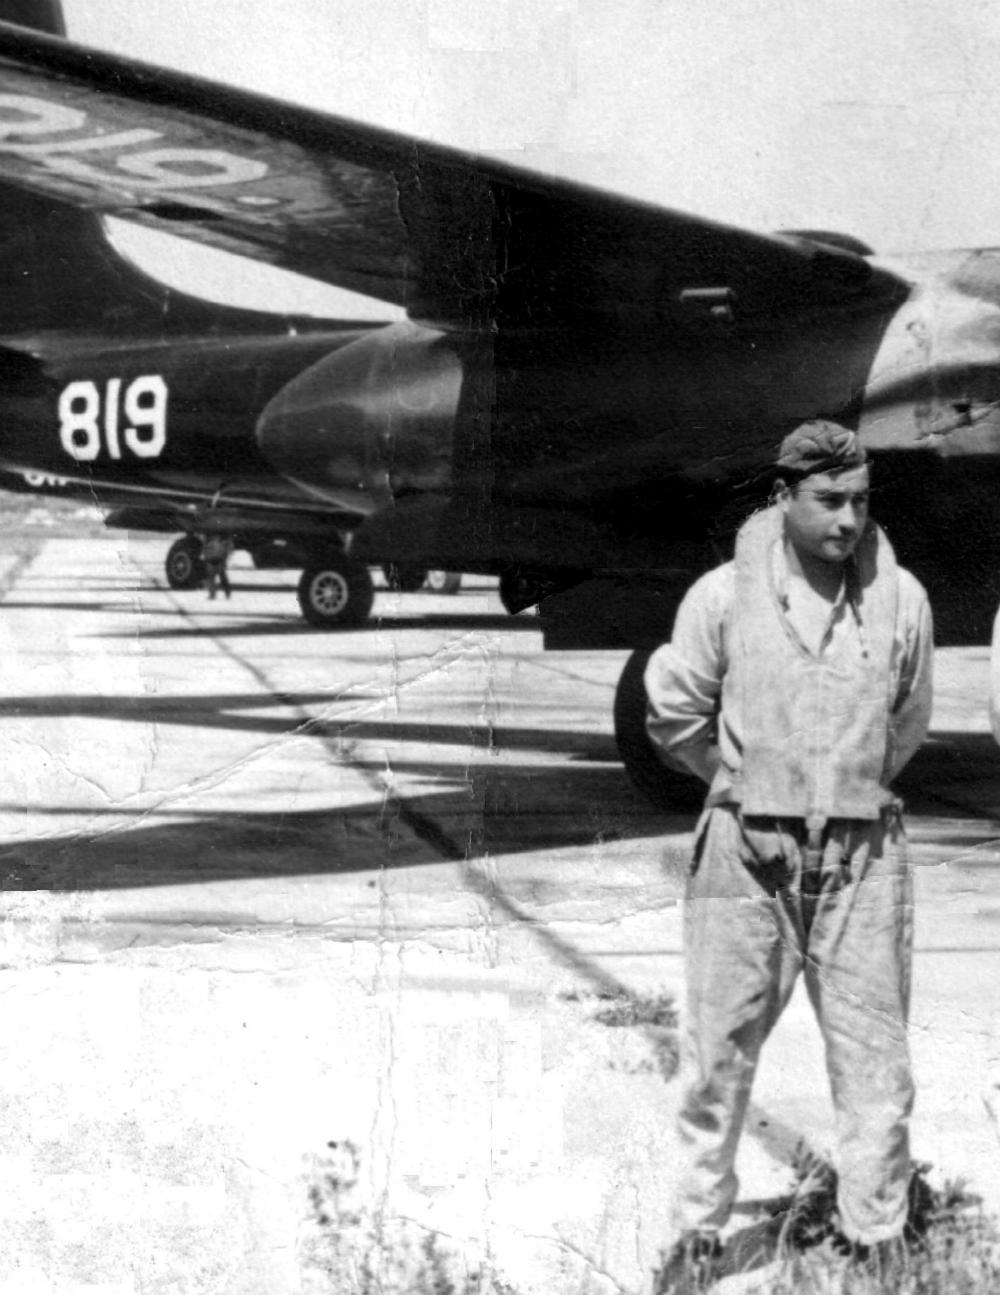 Douglas B-26C N° 819